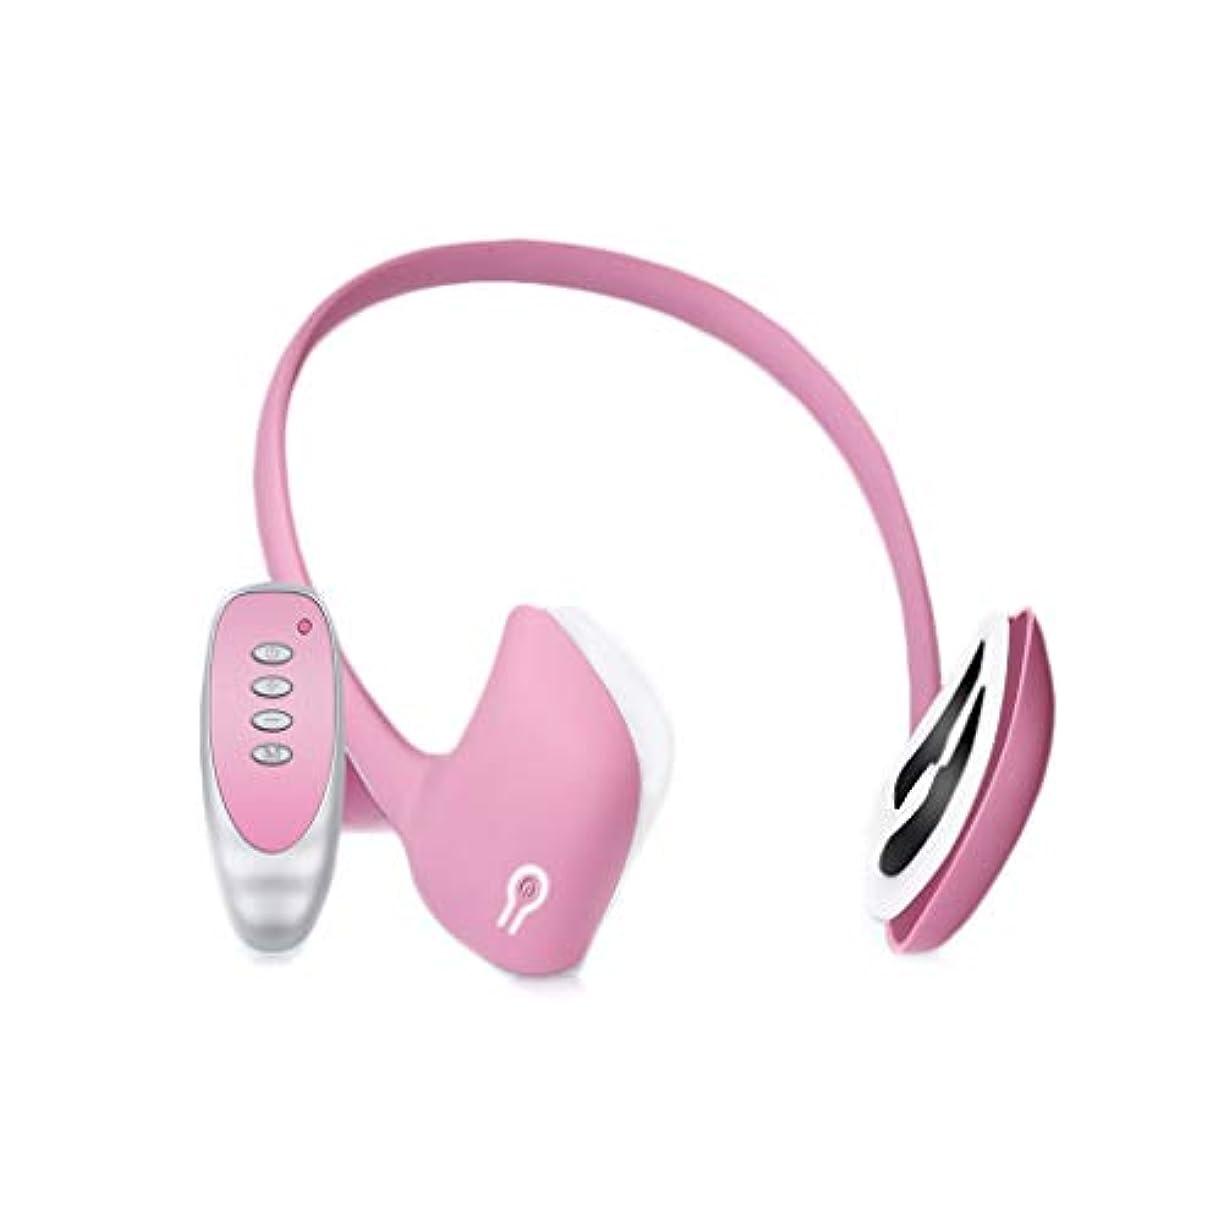 救い平和な戻すXHLMRMJ フェイスリフティング器具、電動ツールマッサージャー、頬骨の薄い顔の引き締めの改善、フェイスブレース、多機能リフティング、男性と女性の両方に適しています (Color : Pink)